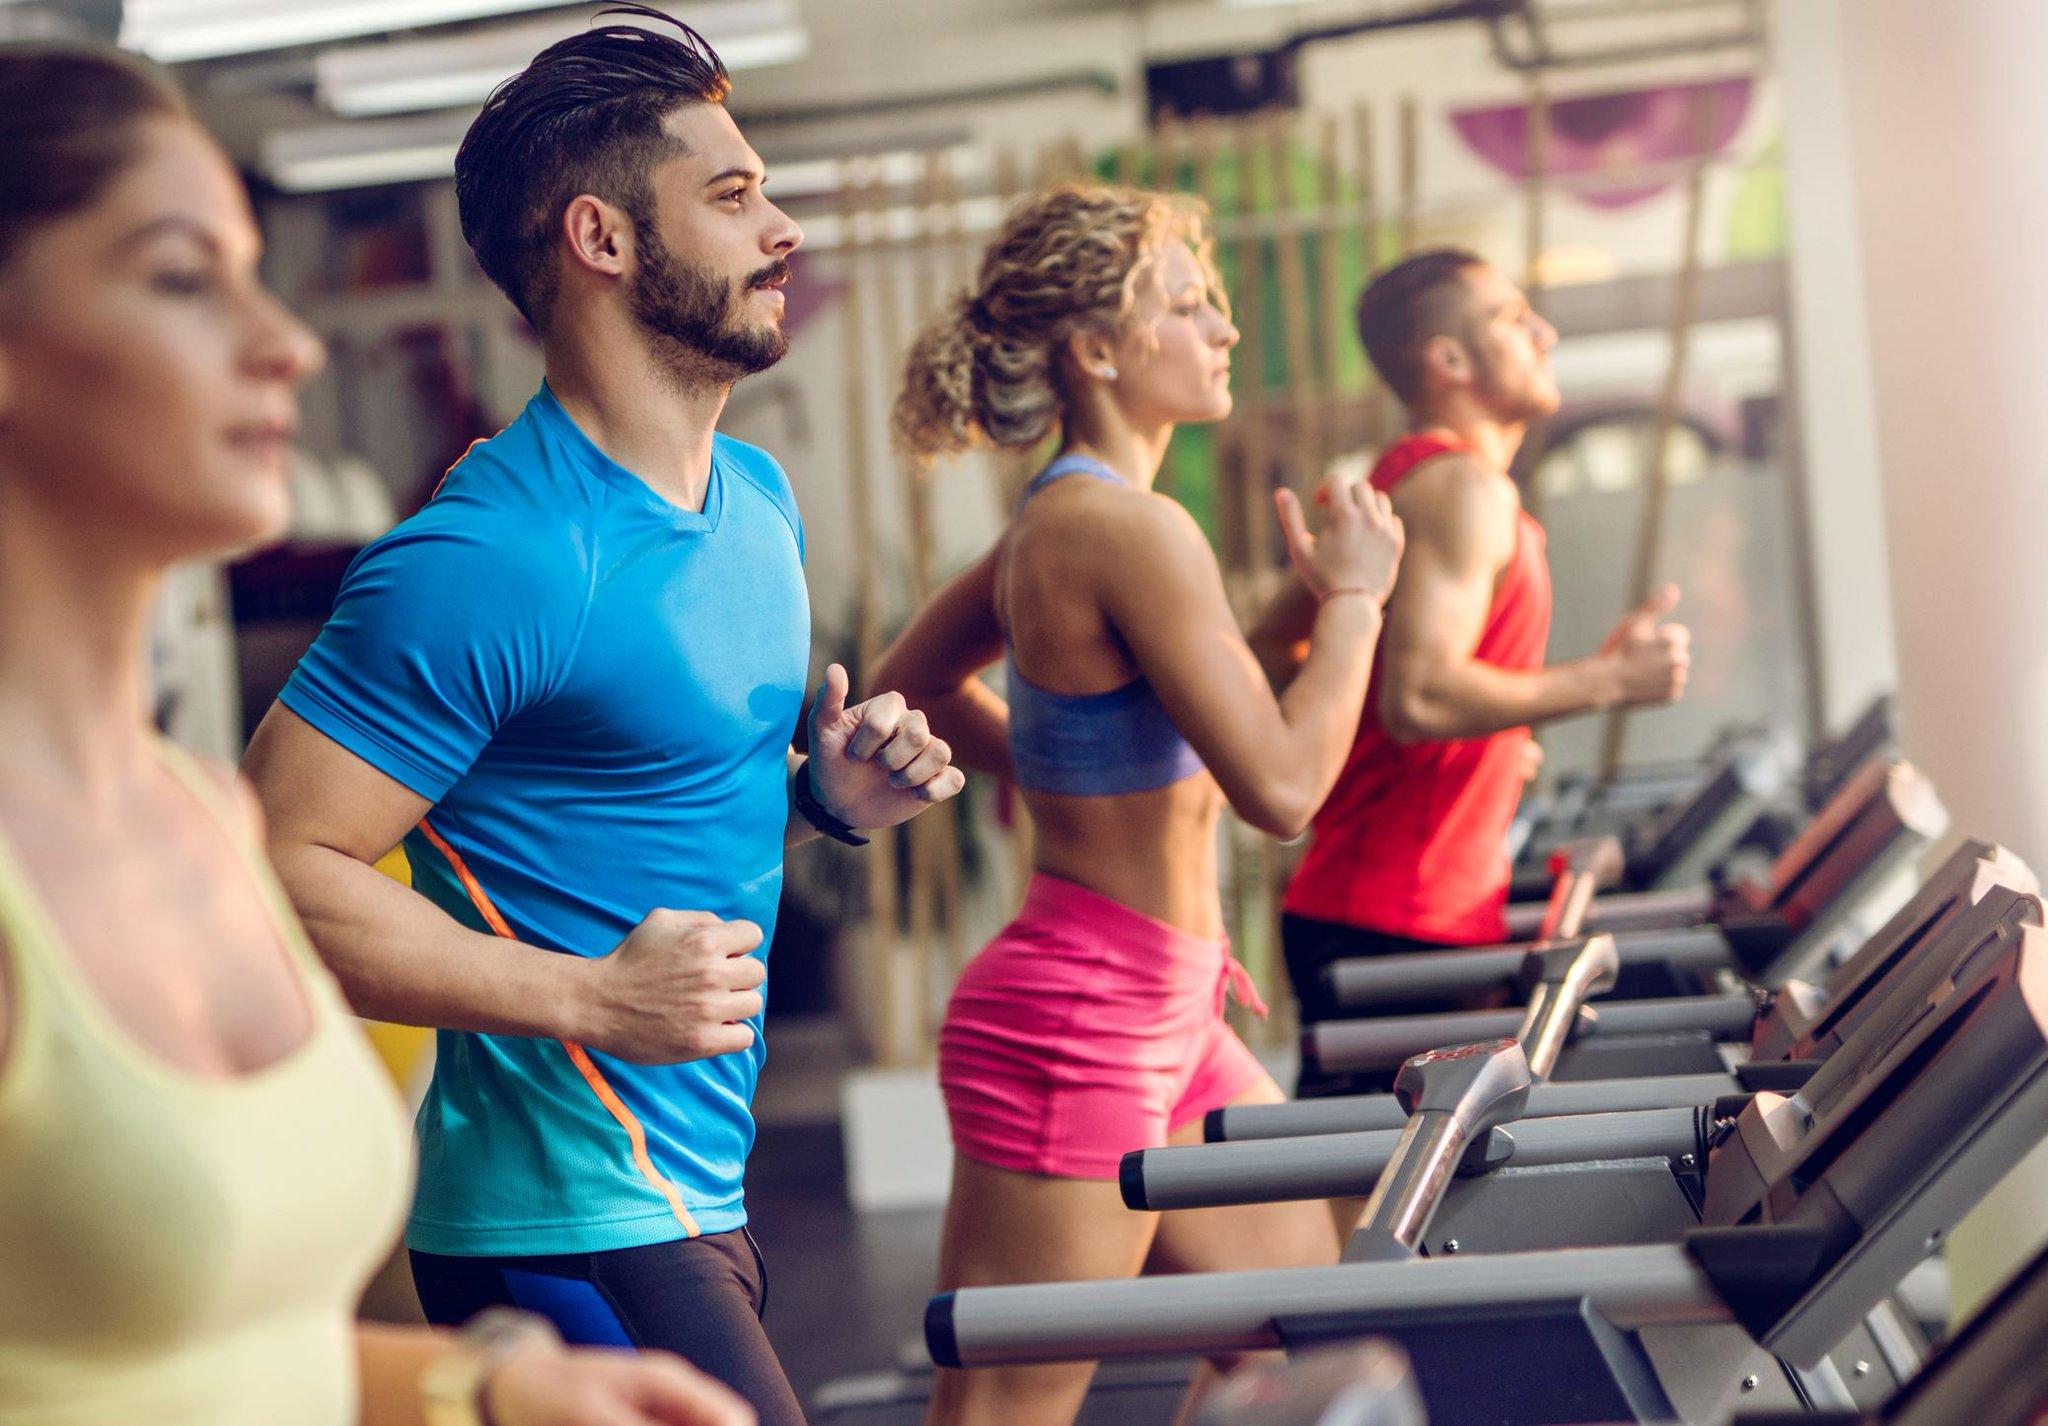 Вредные, но такие популярные тренды в сфере спорта и фитнеса 2018